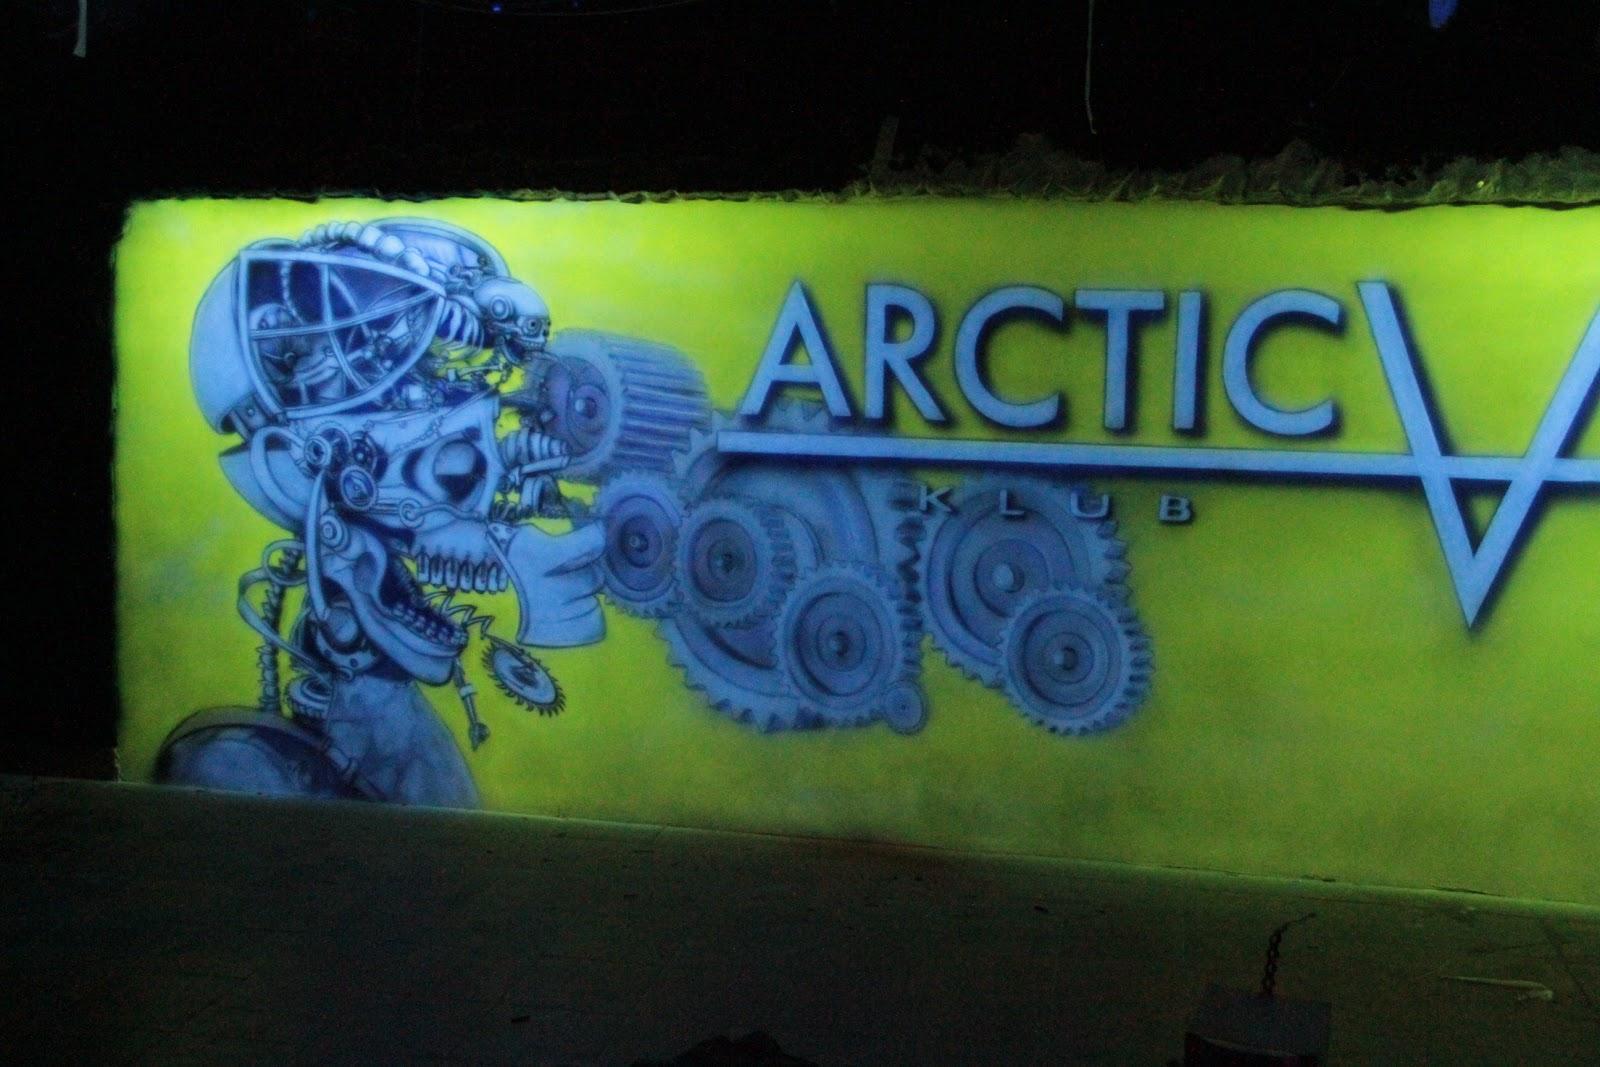 Biomechanika steampunkowa, mural UV, świecący w ciemności, praca wykonana w klubie Arctica w Płocku